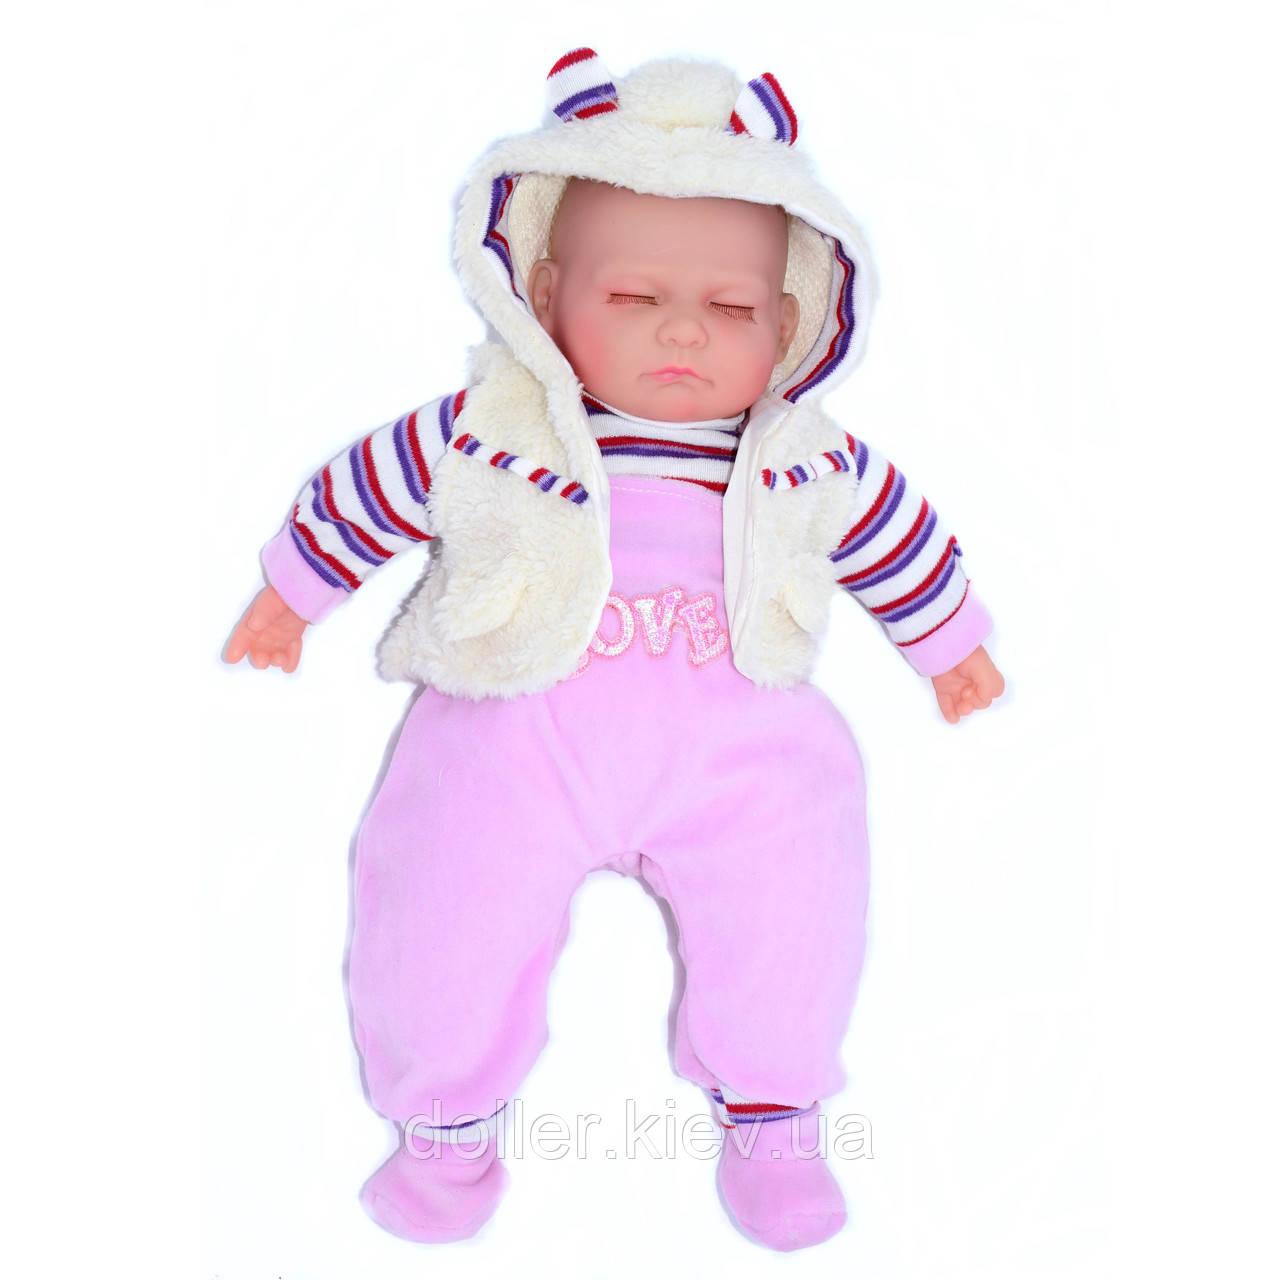 Пупс сплячий бебі - 4